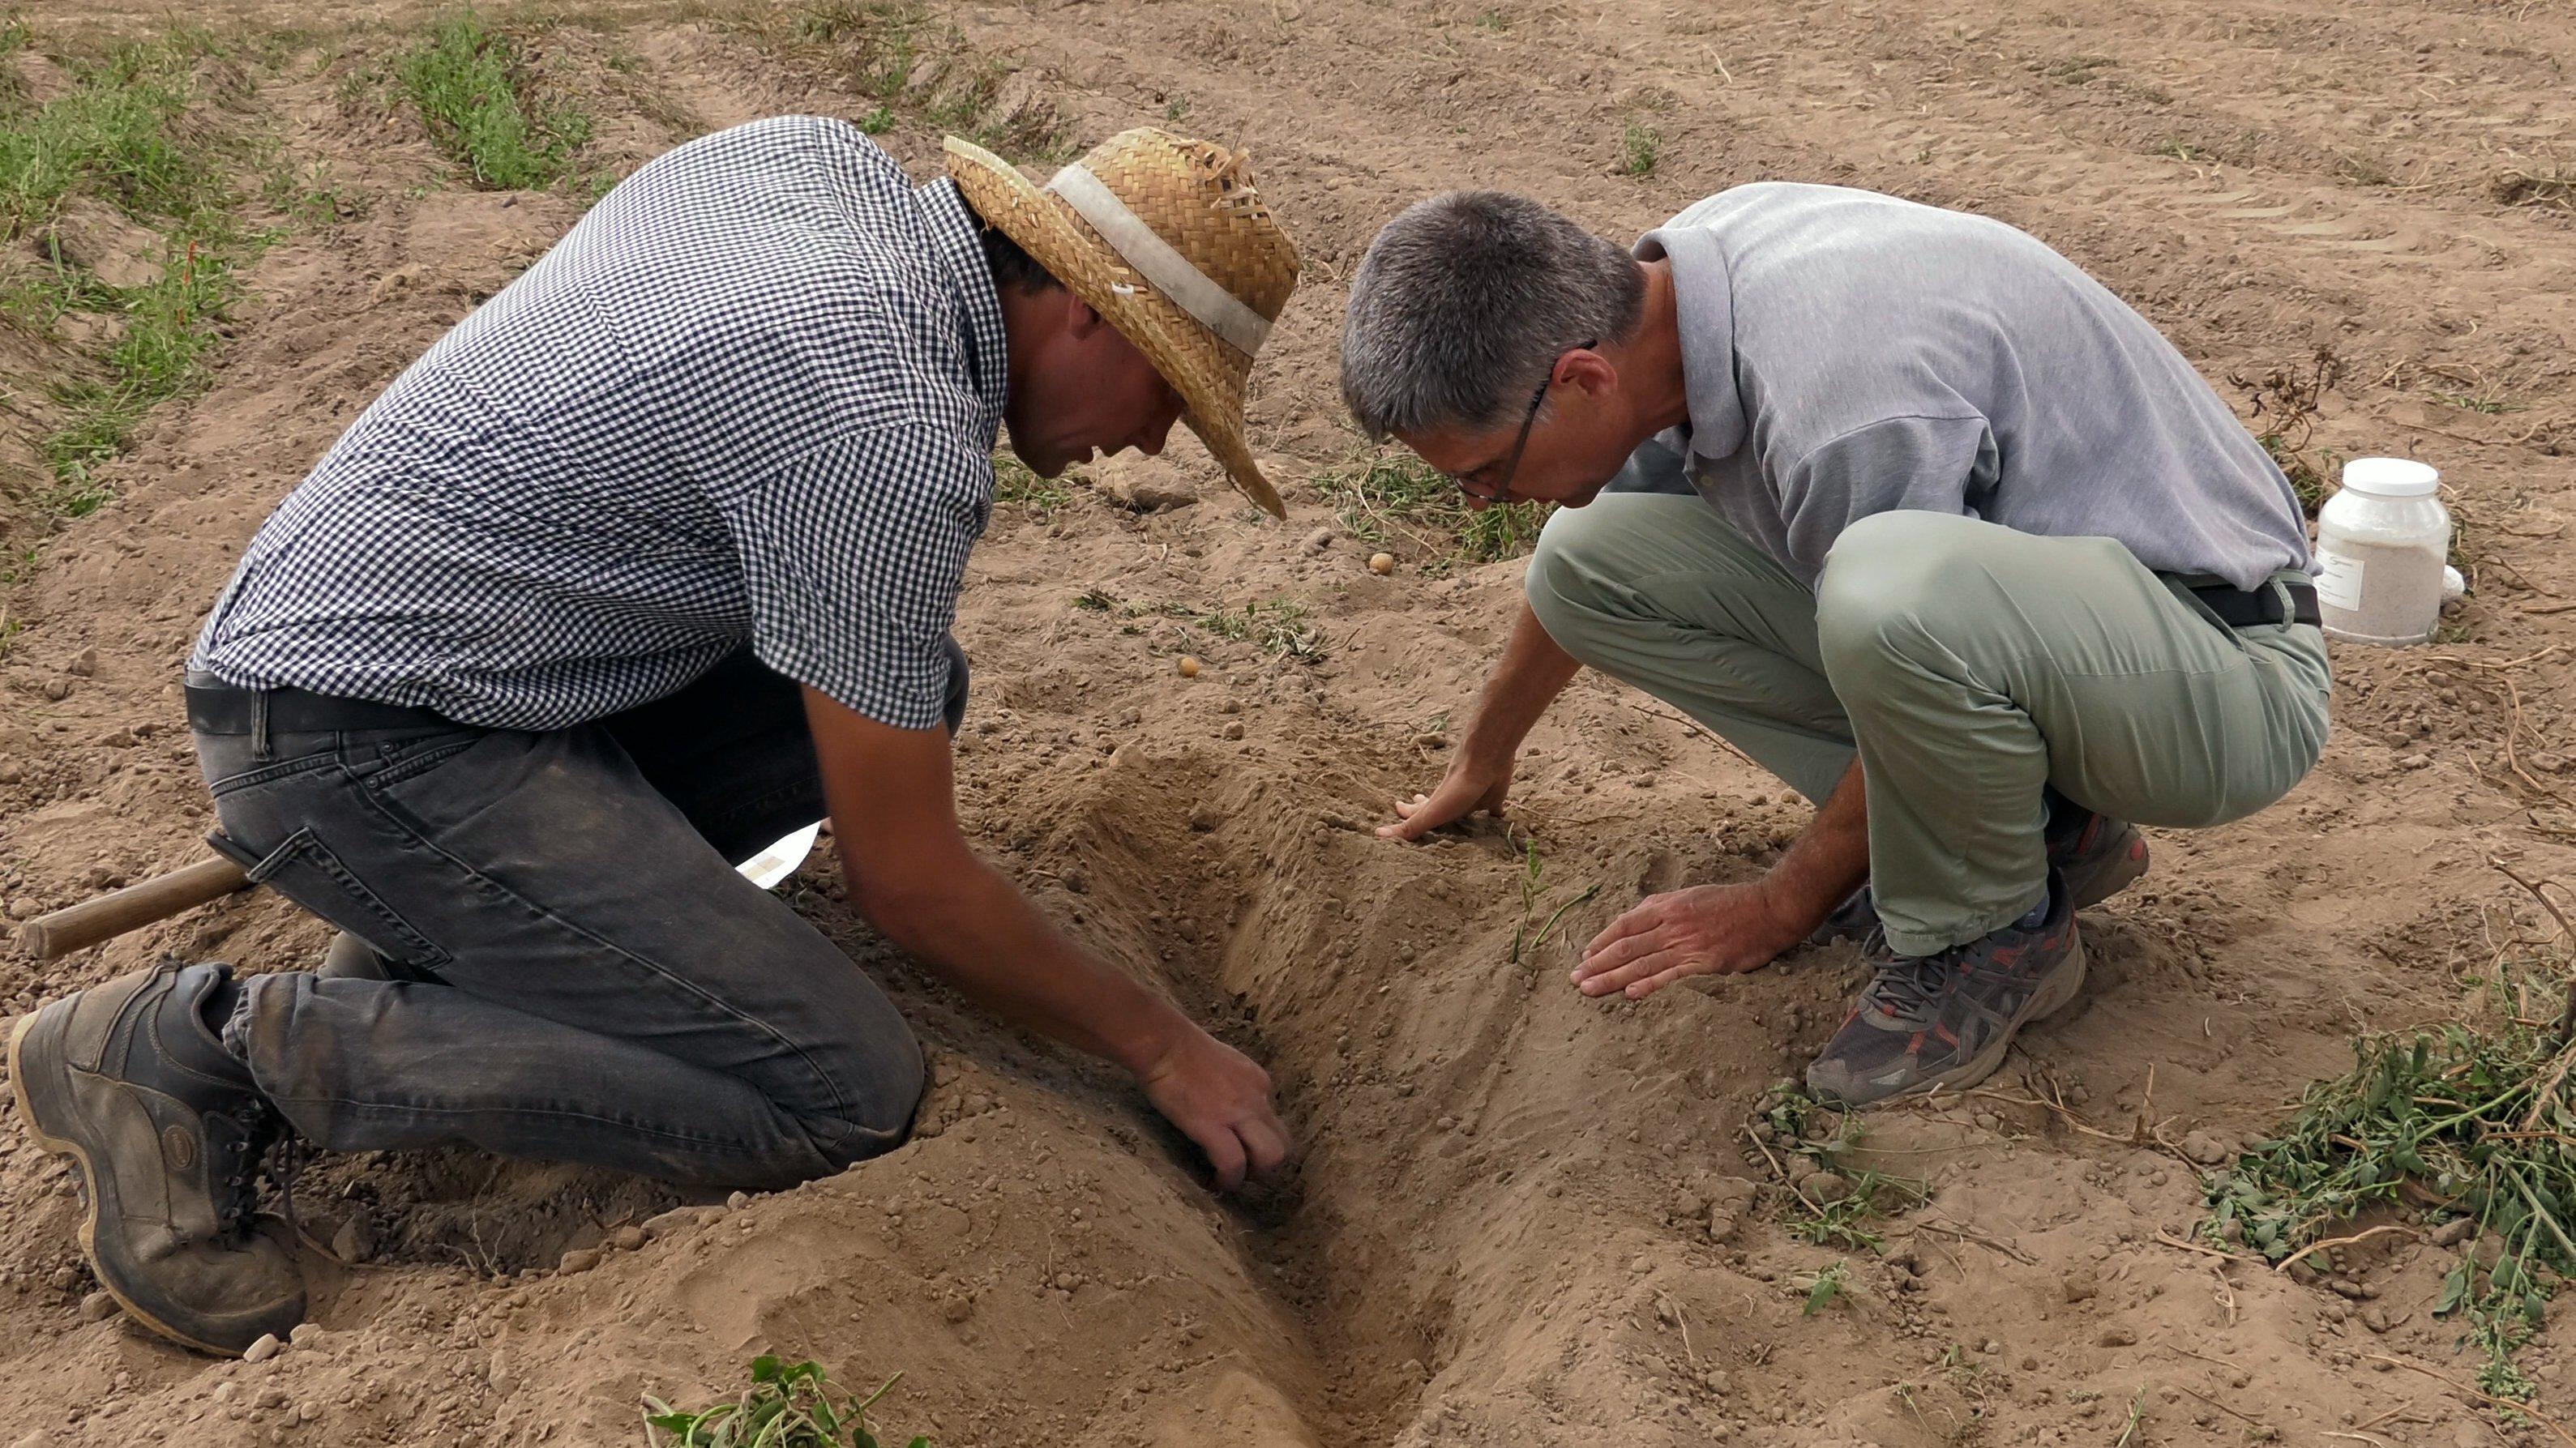 Andreas Muskolus und Joachim Clemens knien im Feld und sehen nach, ob die Struvit-Pellets noch an Ort und Stelle sind.